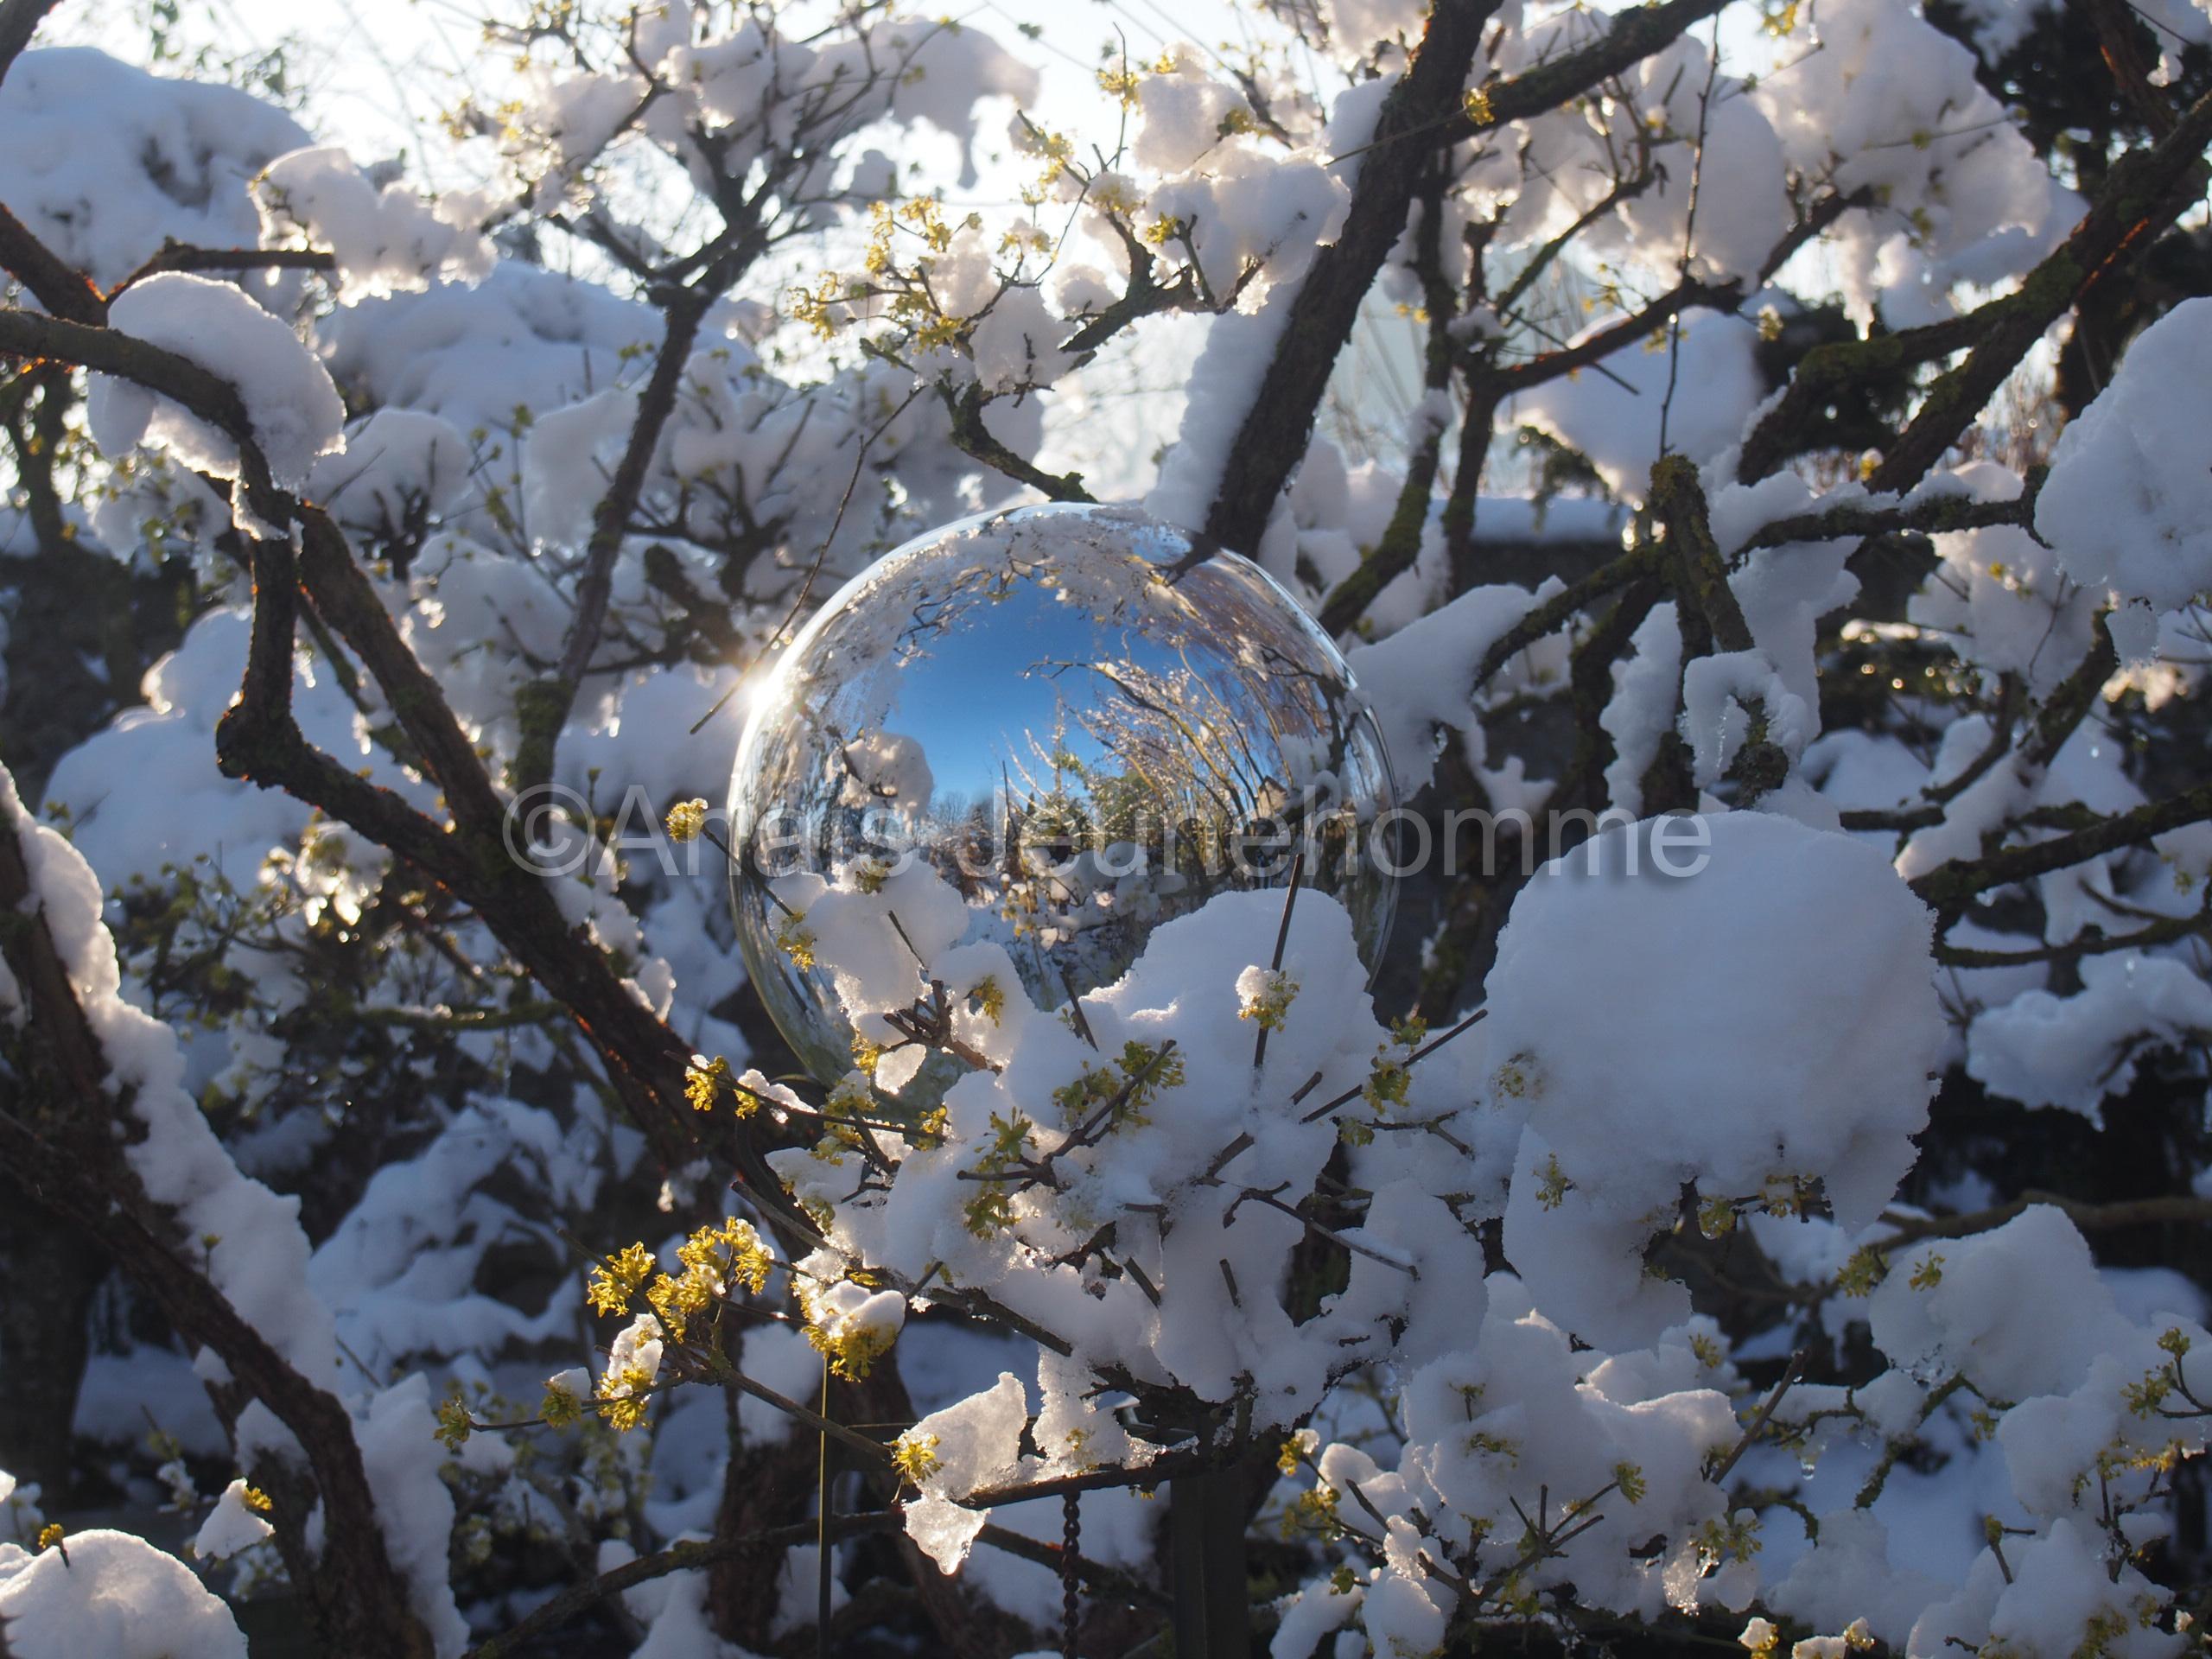 Boule de sorcière et floraison givrée du Cornus mas